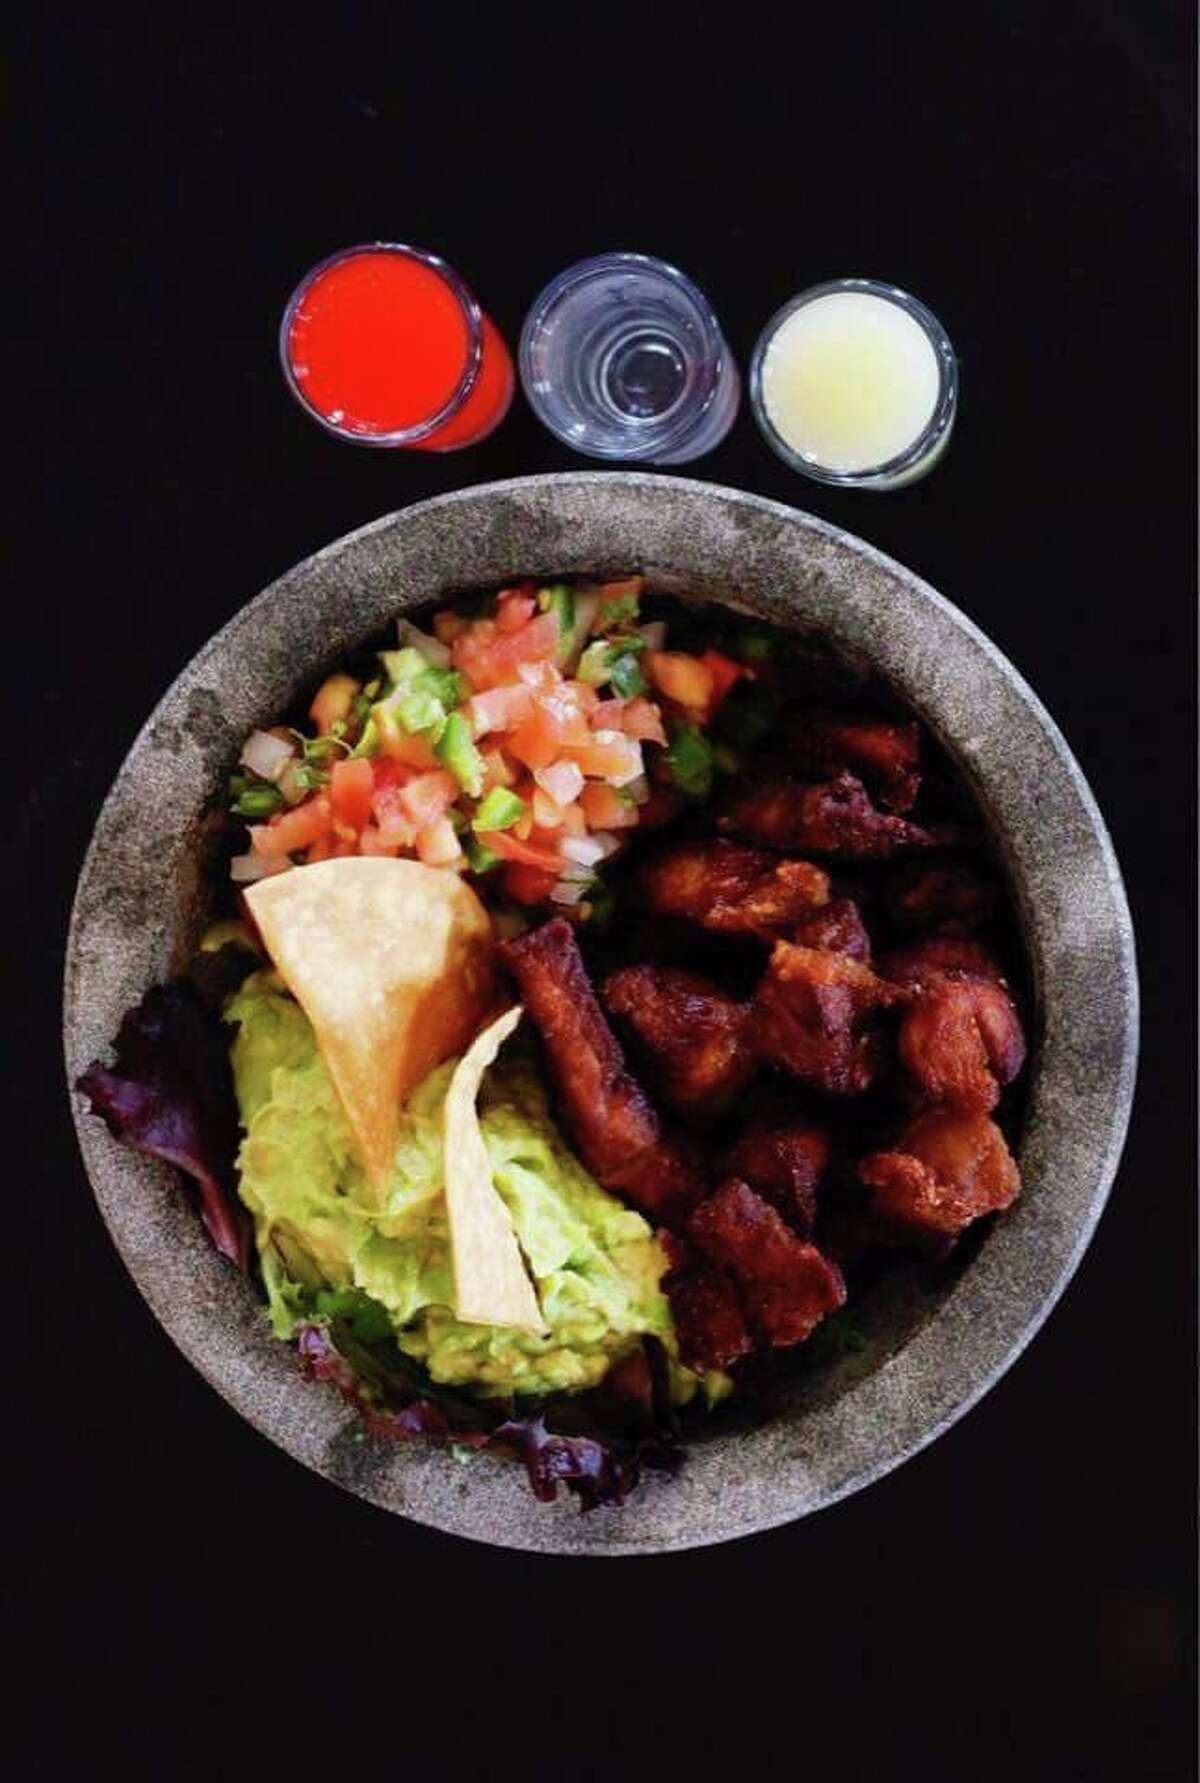 La Mariscana - Chicharrón de Ribeye Price: $20 Served with: Guacamole, Pico de gallo and corn or flour tortillas